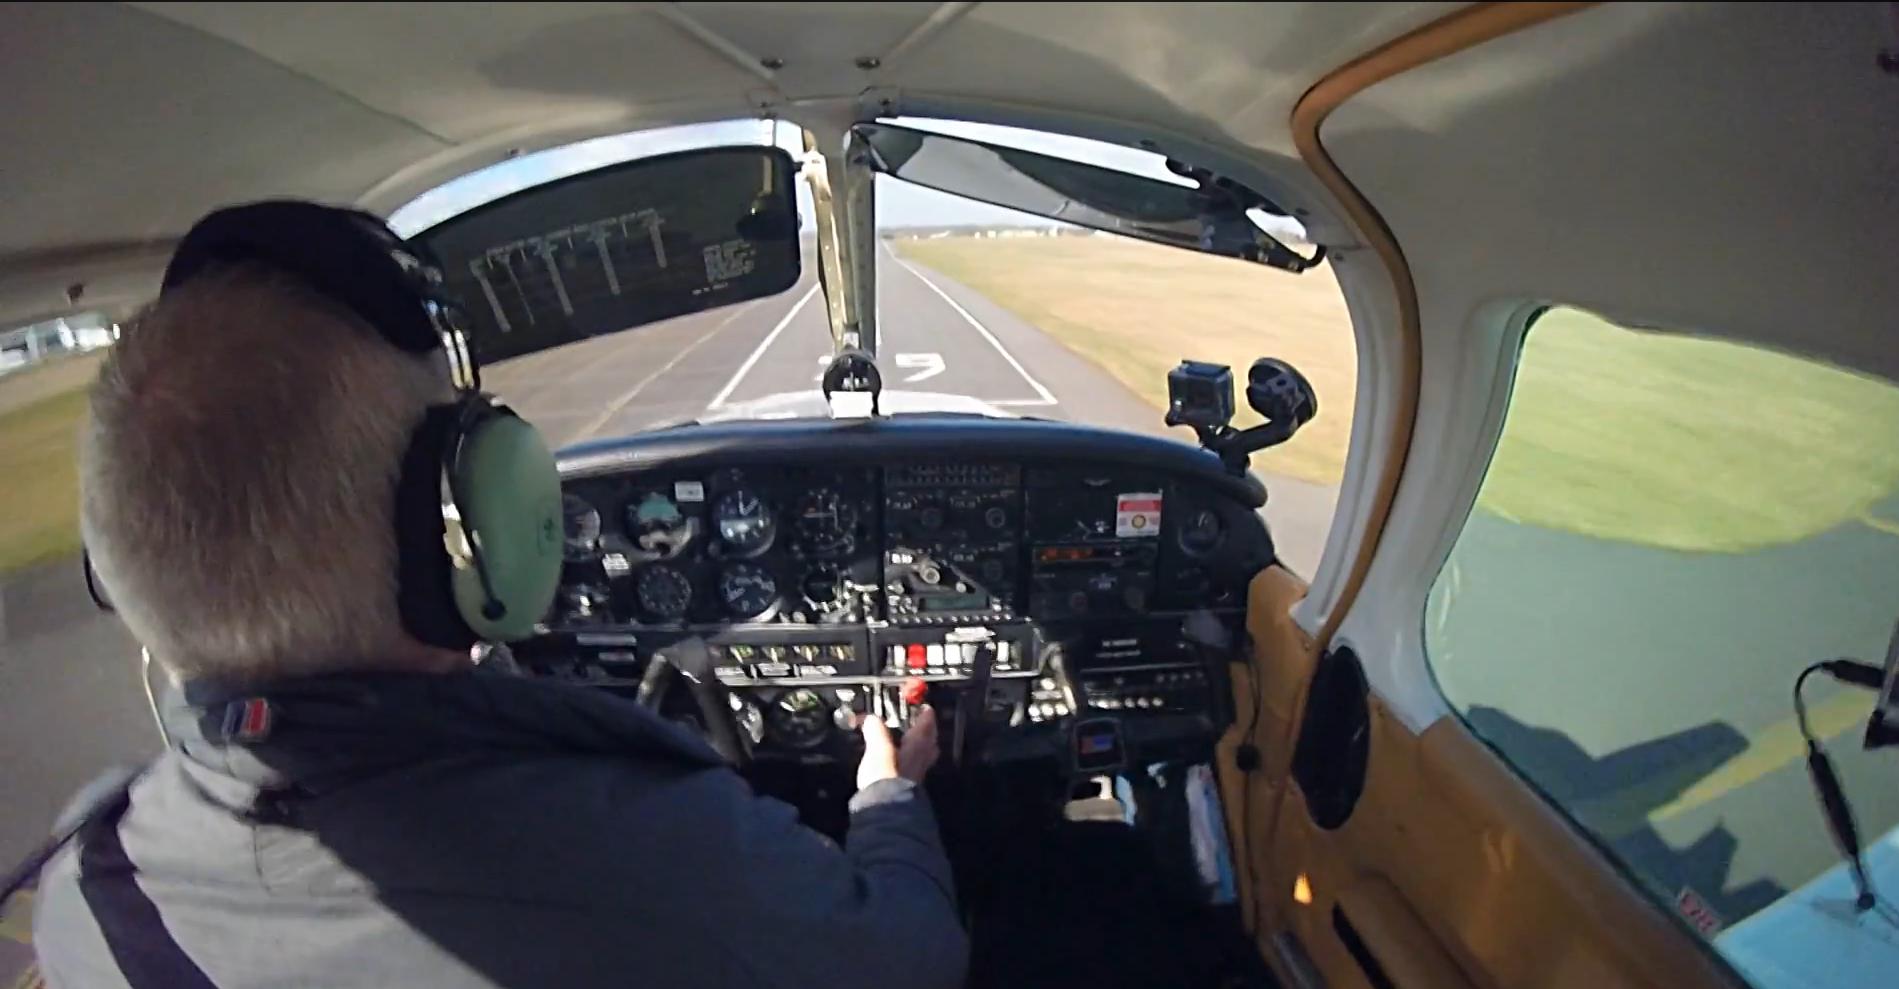 Landing runway 29 at Biggin Hill